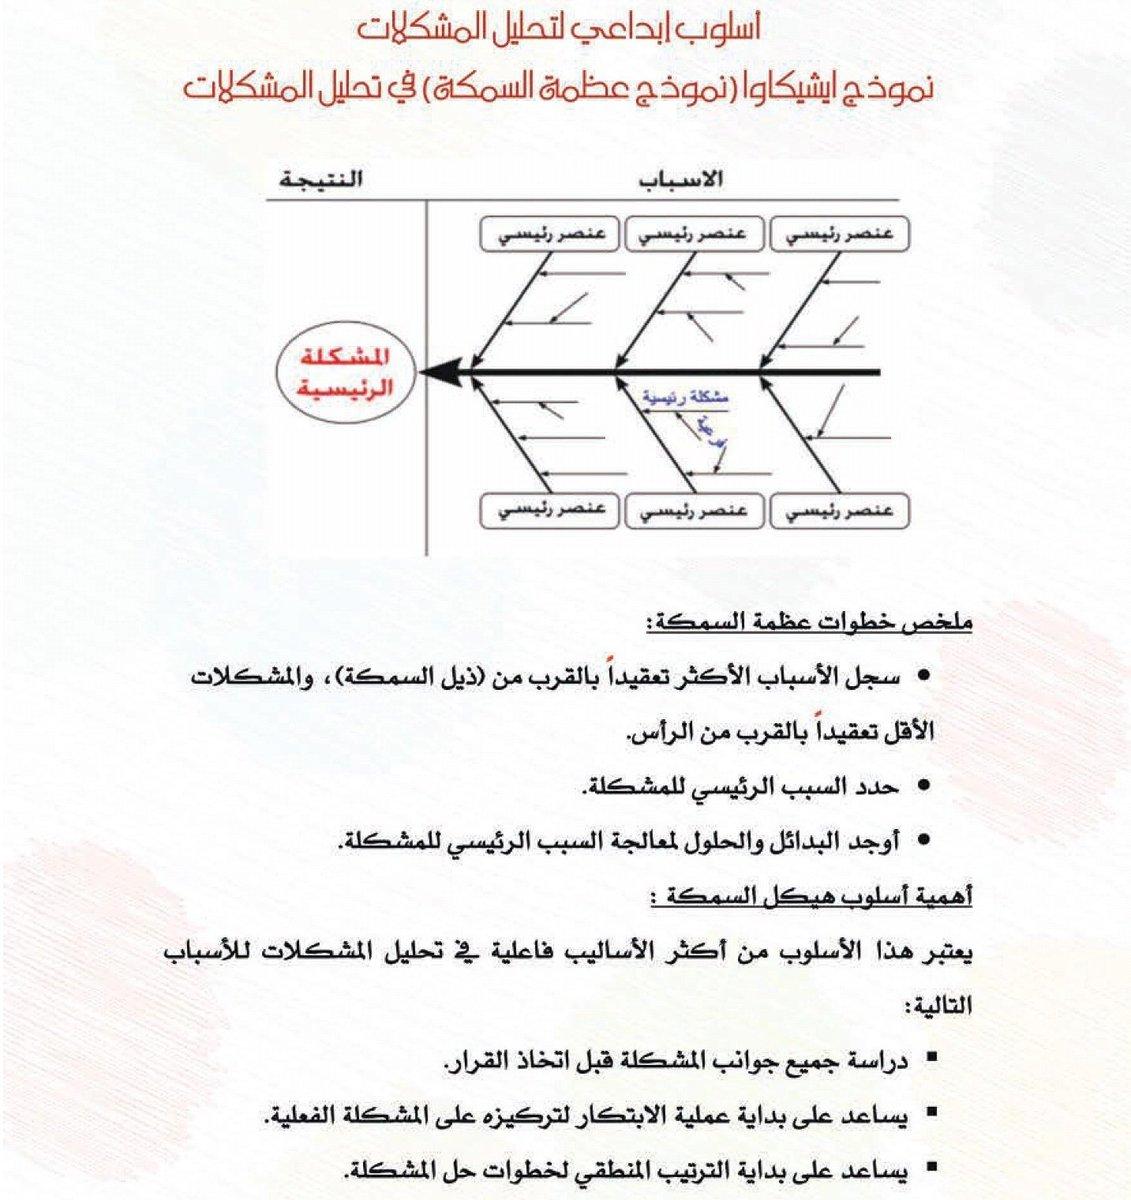 سعد المالكي En Twitter الخطوة الخامسة من خطوات حل المشكلات بطريقة ابداعية هي وضع البدائل الممكنة لحل المشكلة واختيار الحل الامثل فن القيادة Https T Co Nlhc03l87o